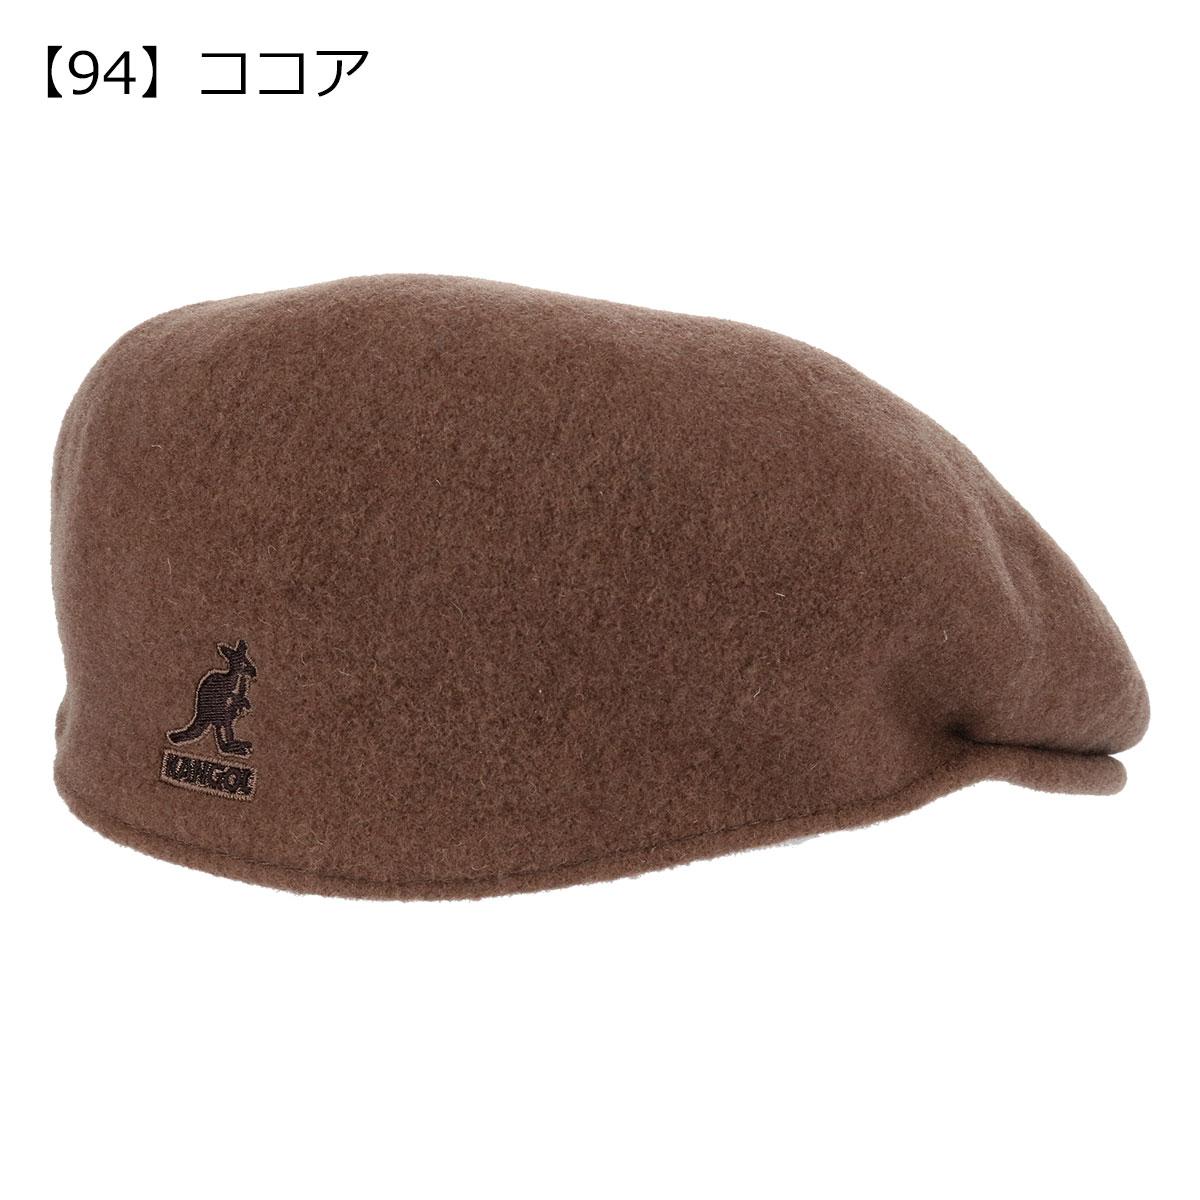 【94】ココア